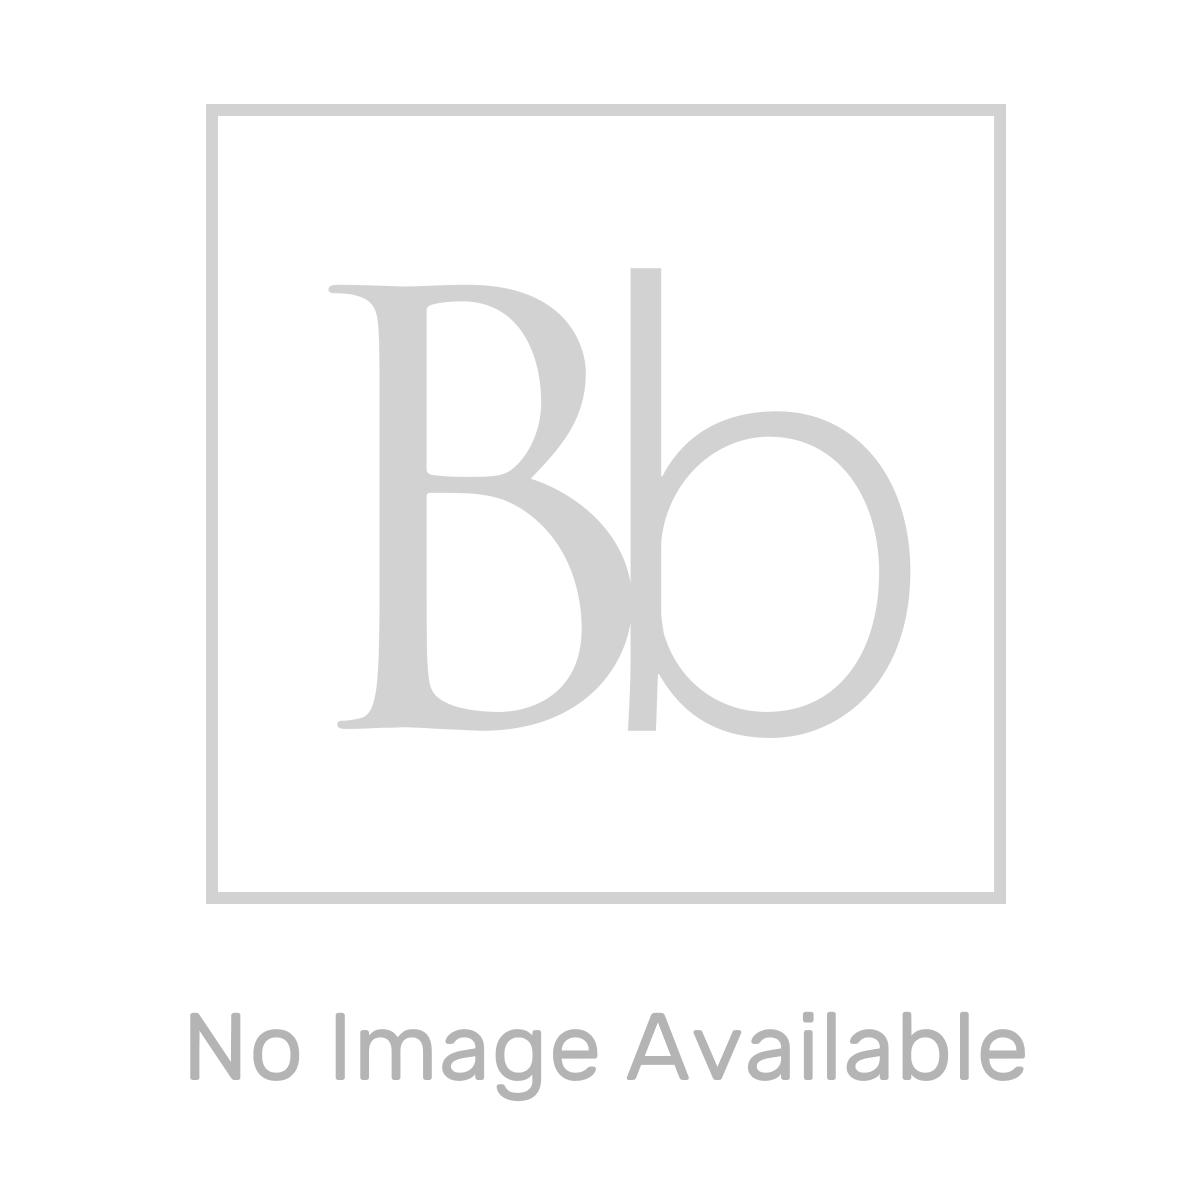 Aquadart Venturi 6 Single Door Offset Quadrant Shower Enclosure